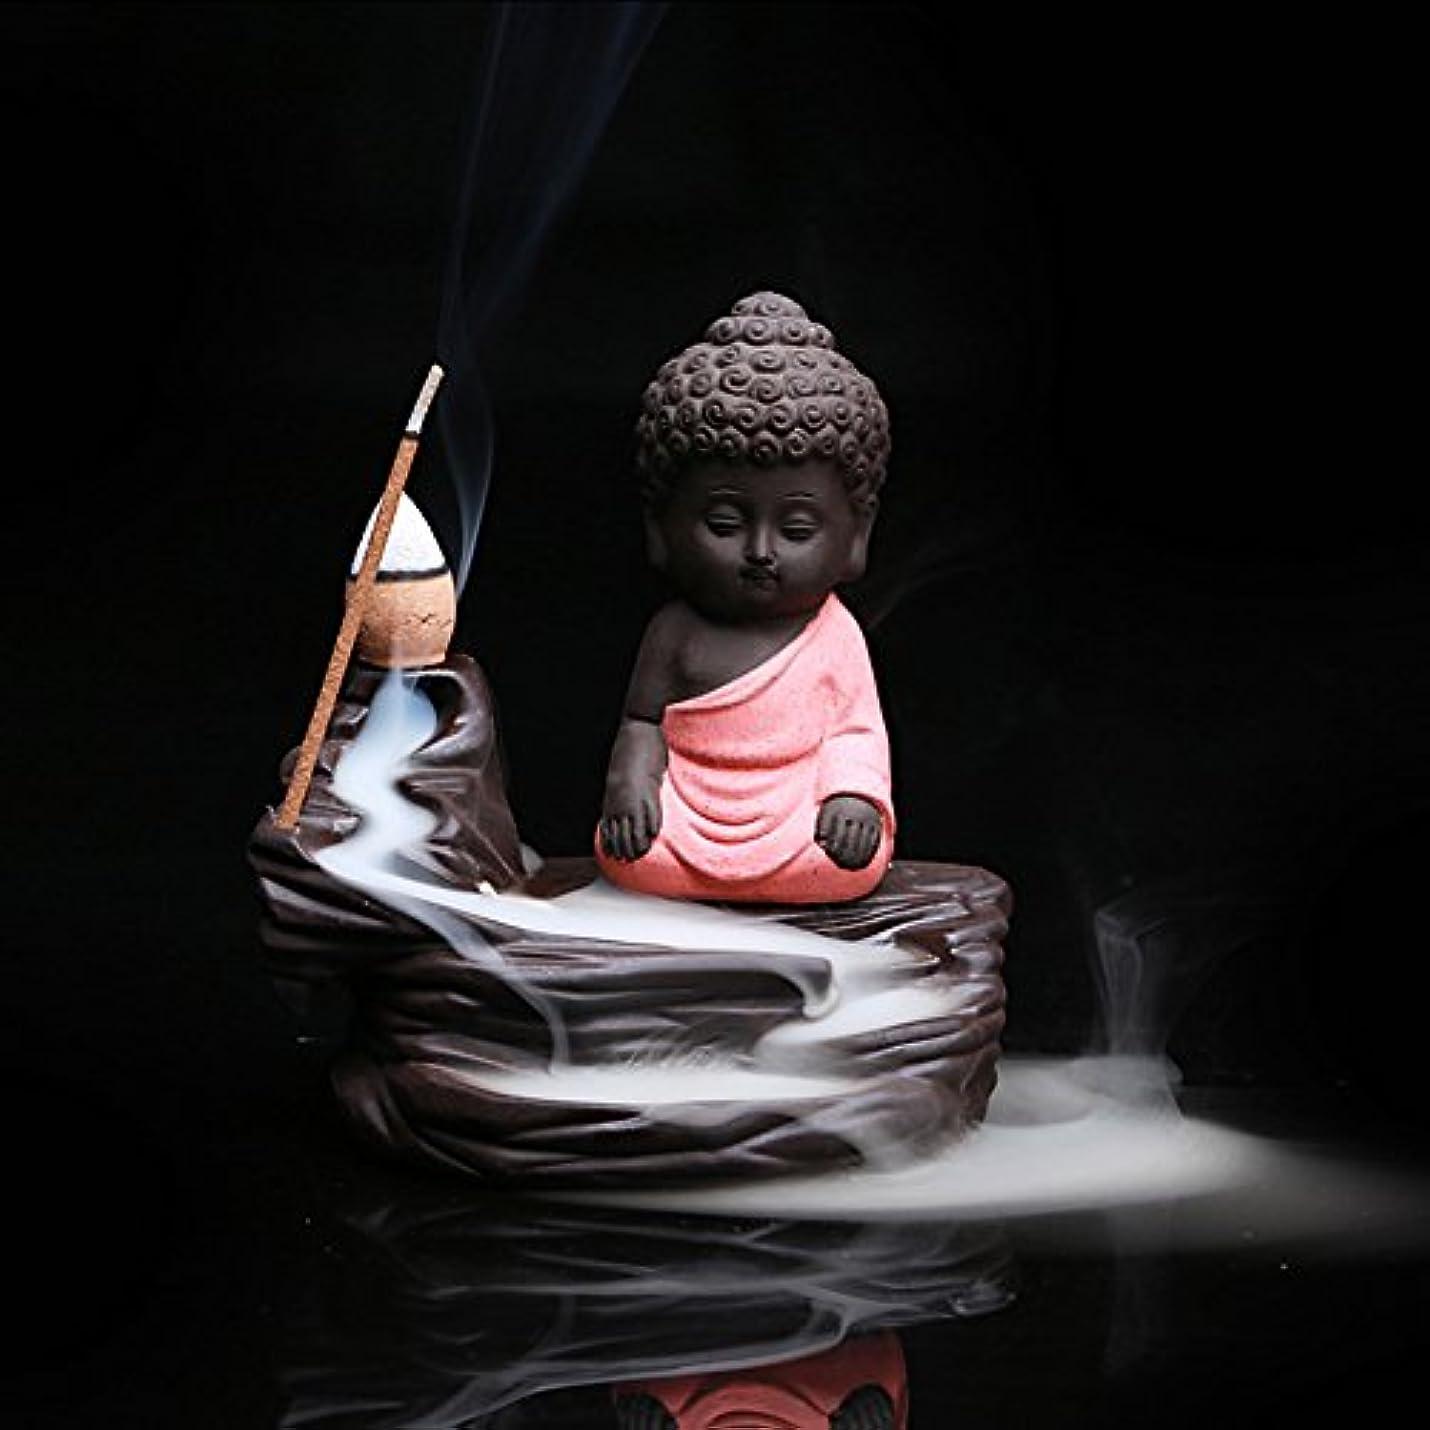 を通して贈り物欠員クリエイティブ逆流香炉コーンスティックホルダーSmall BuddhaセラミックCenserホーム部屋装飾 12.0*12.0*6.0cm レッド Colorado